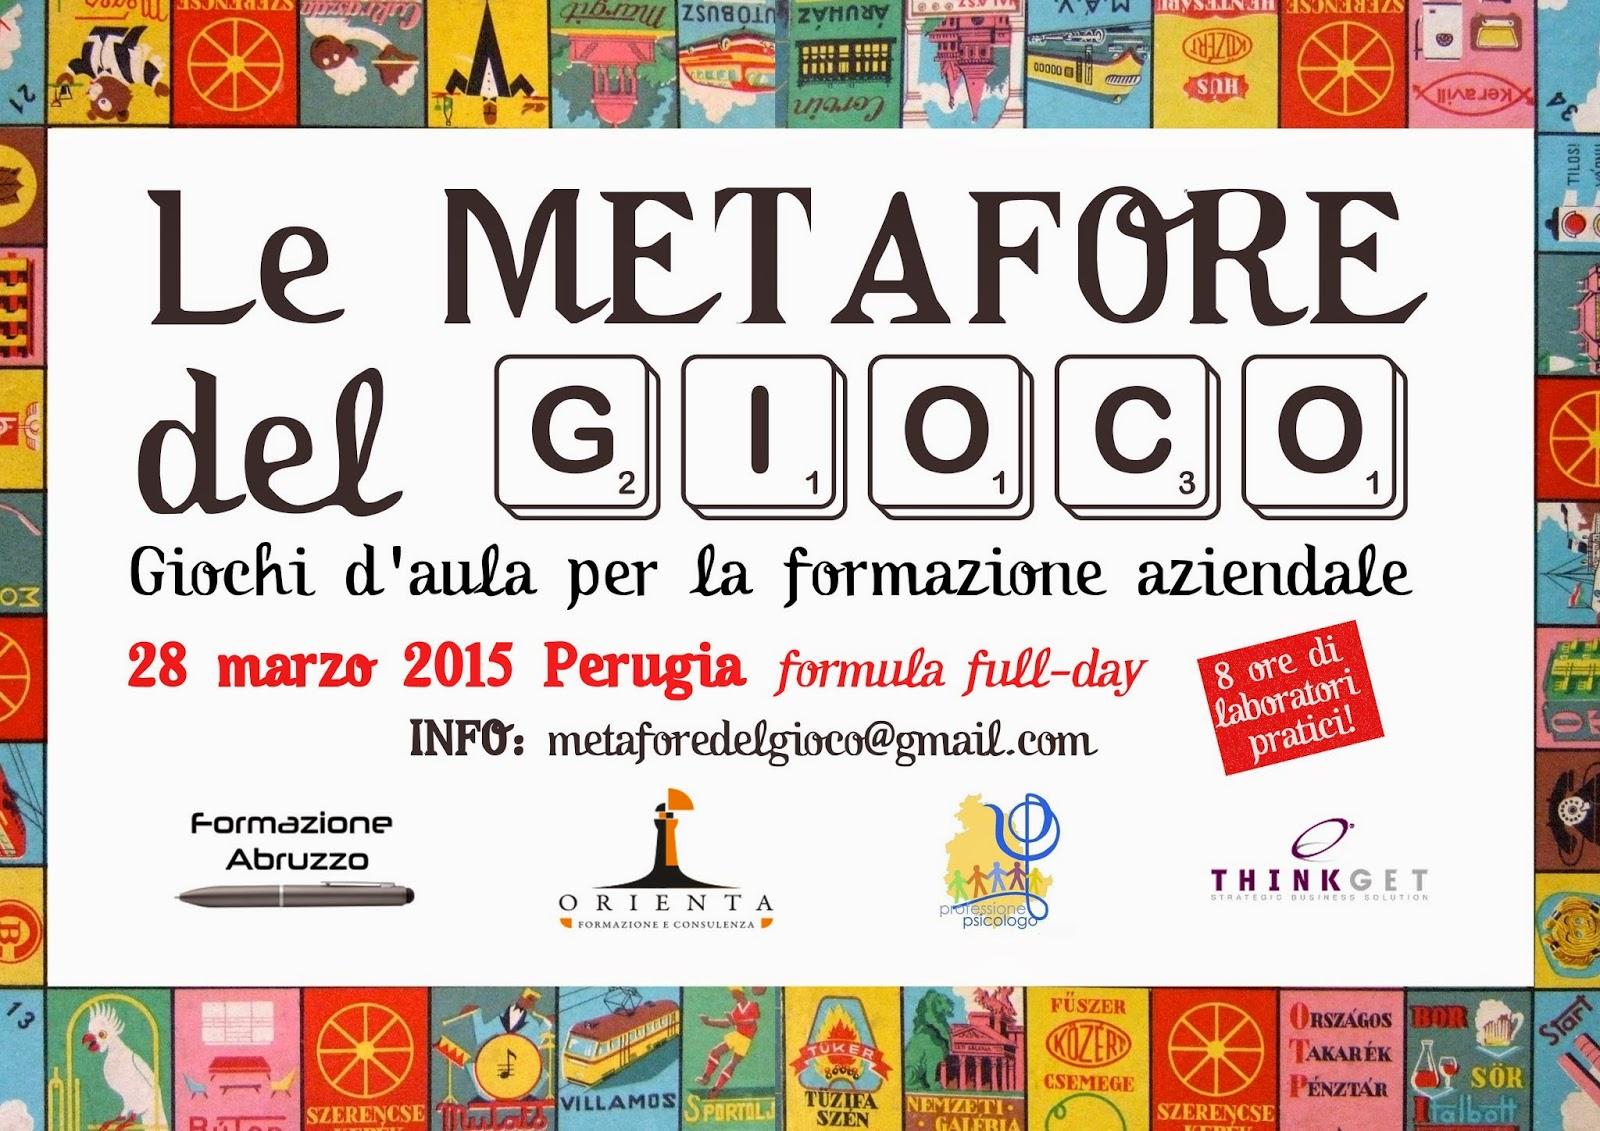 le metafore del gioco, 28 marzo 2015 Perugia